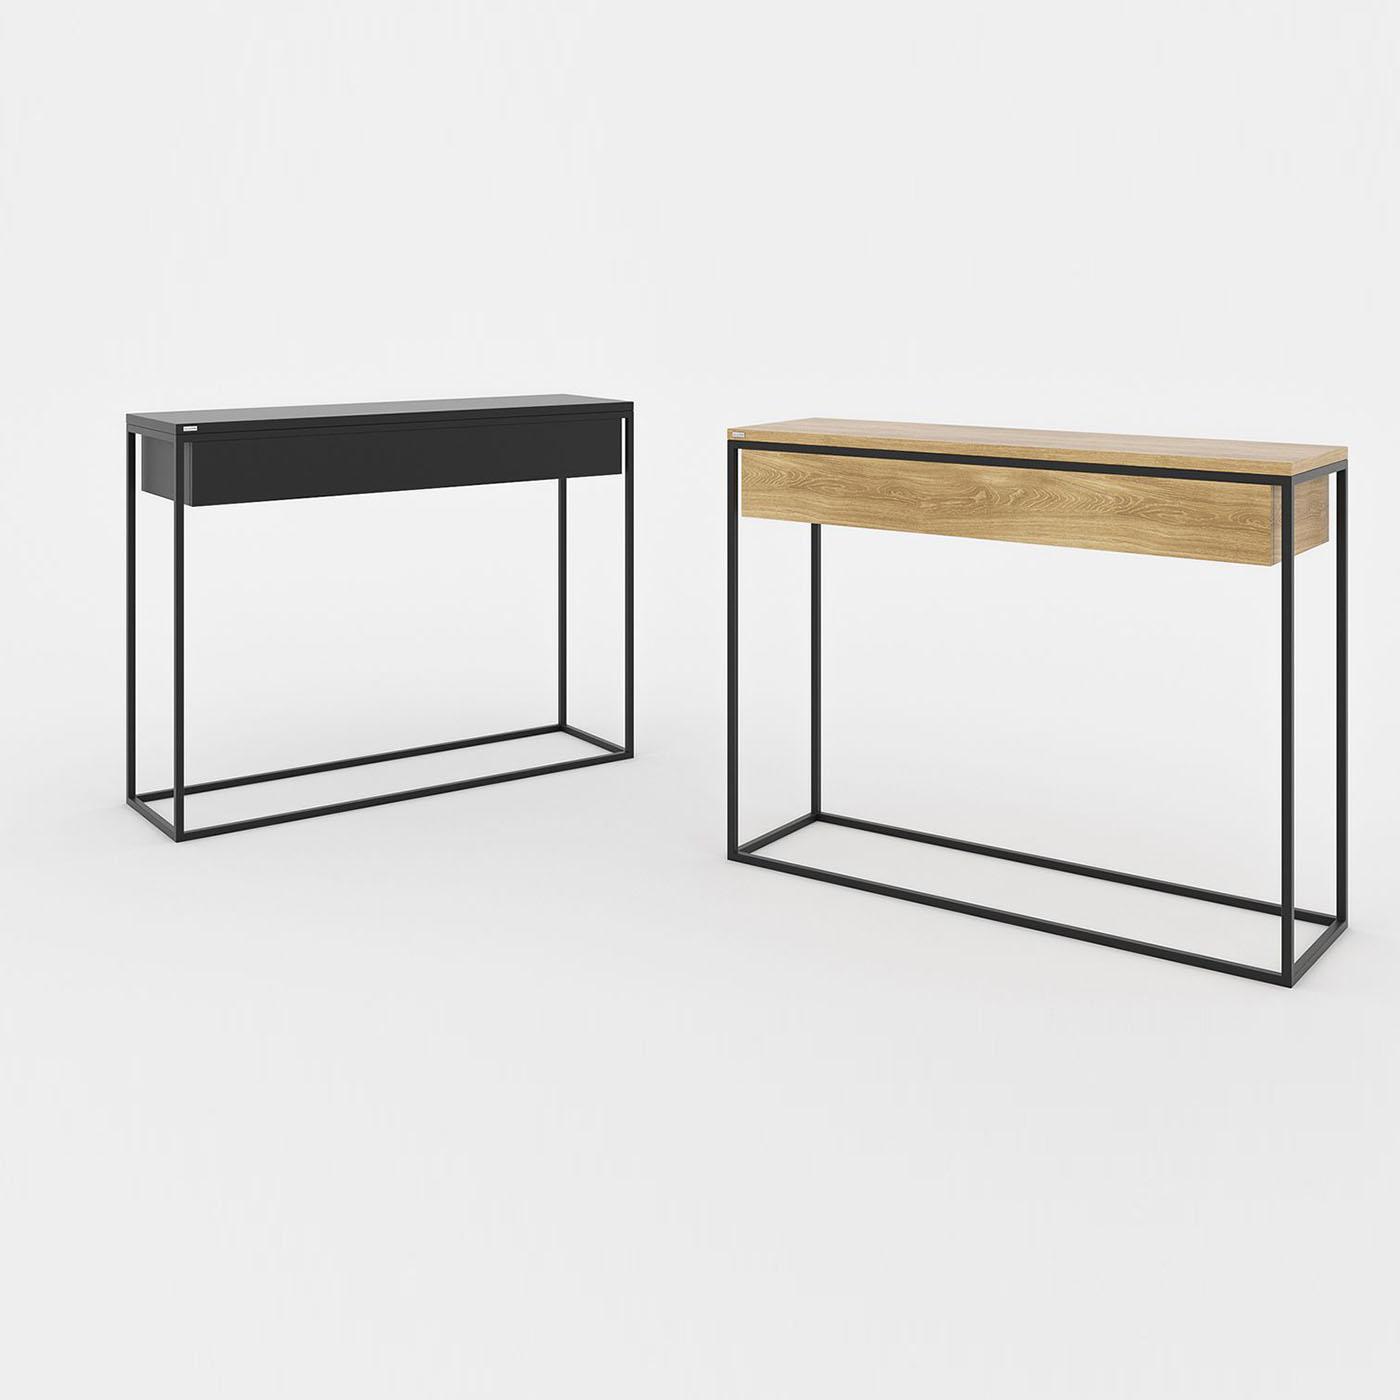 Minimalistyczna, nowoczesna konsola SKINNY XL z szeroką szufladą. Biała lub czarna.